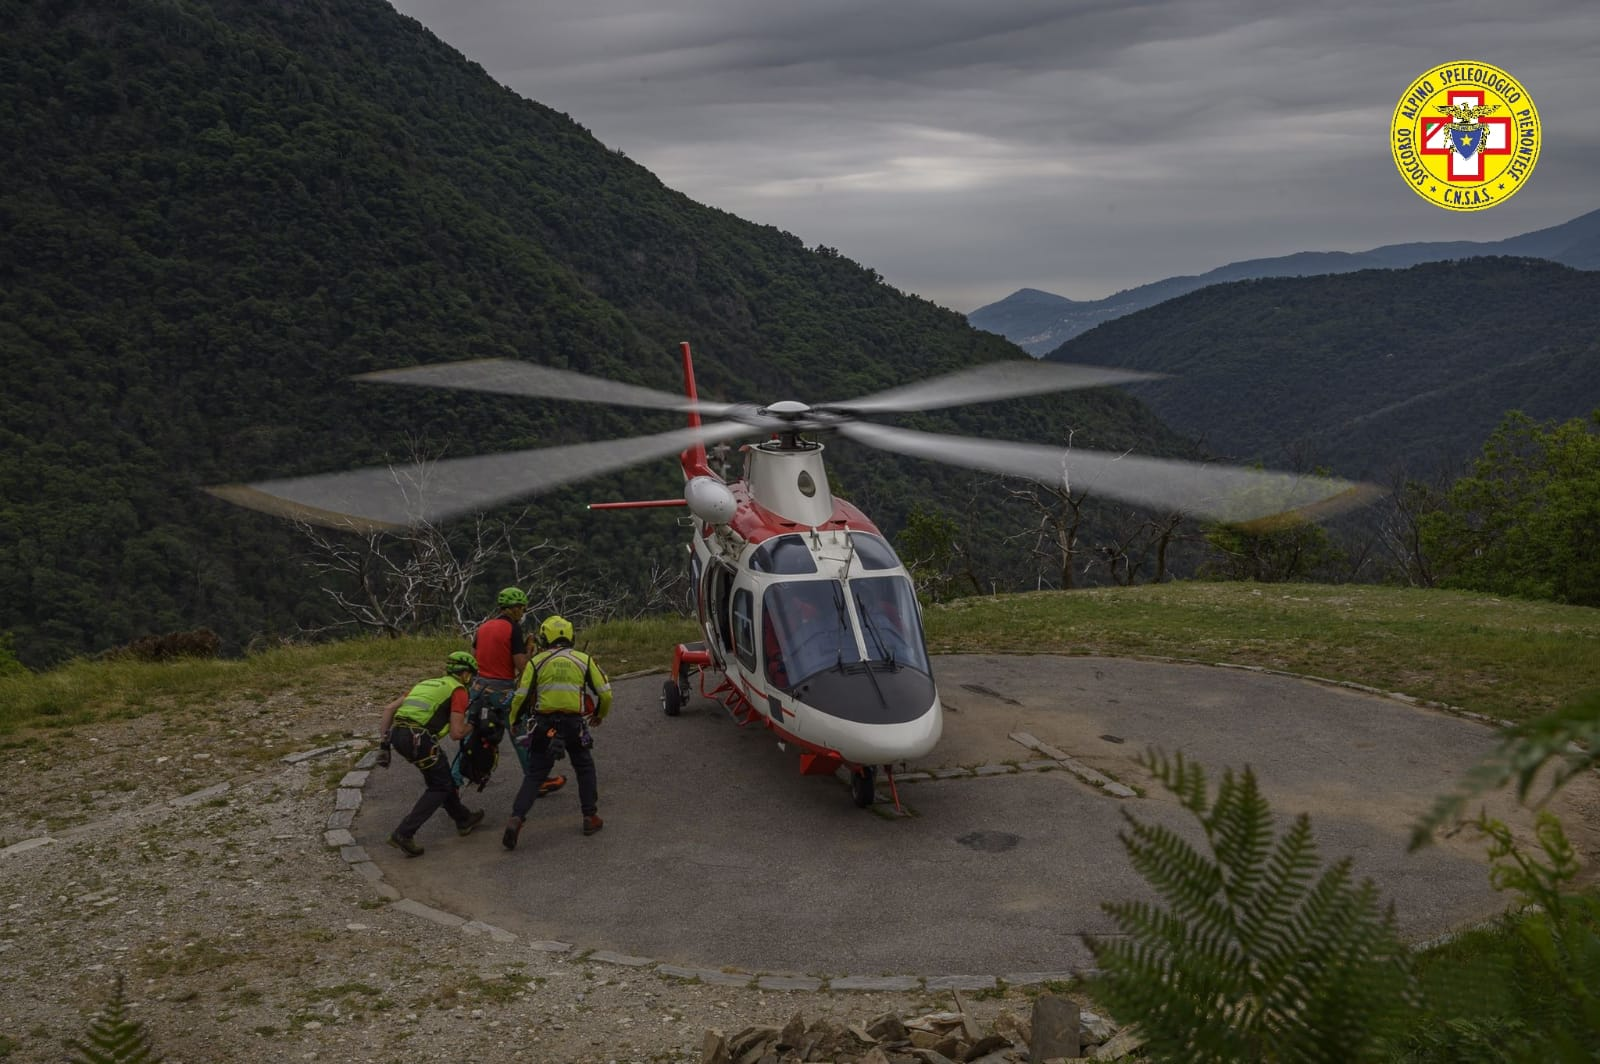 continuano-le-ricerche-nel-parco-nazionale-della-valgrande:-ancora-nessuna-traccia-dell'escursionista-disperso